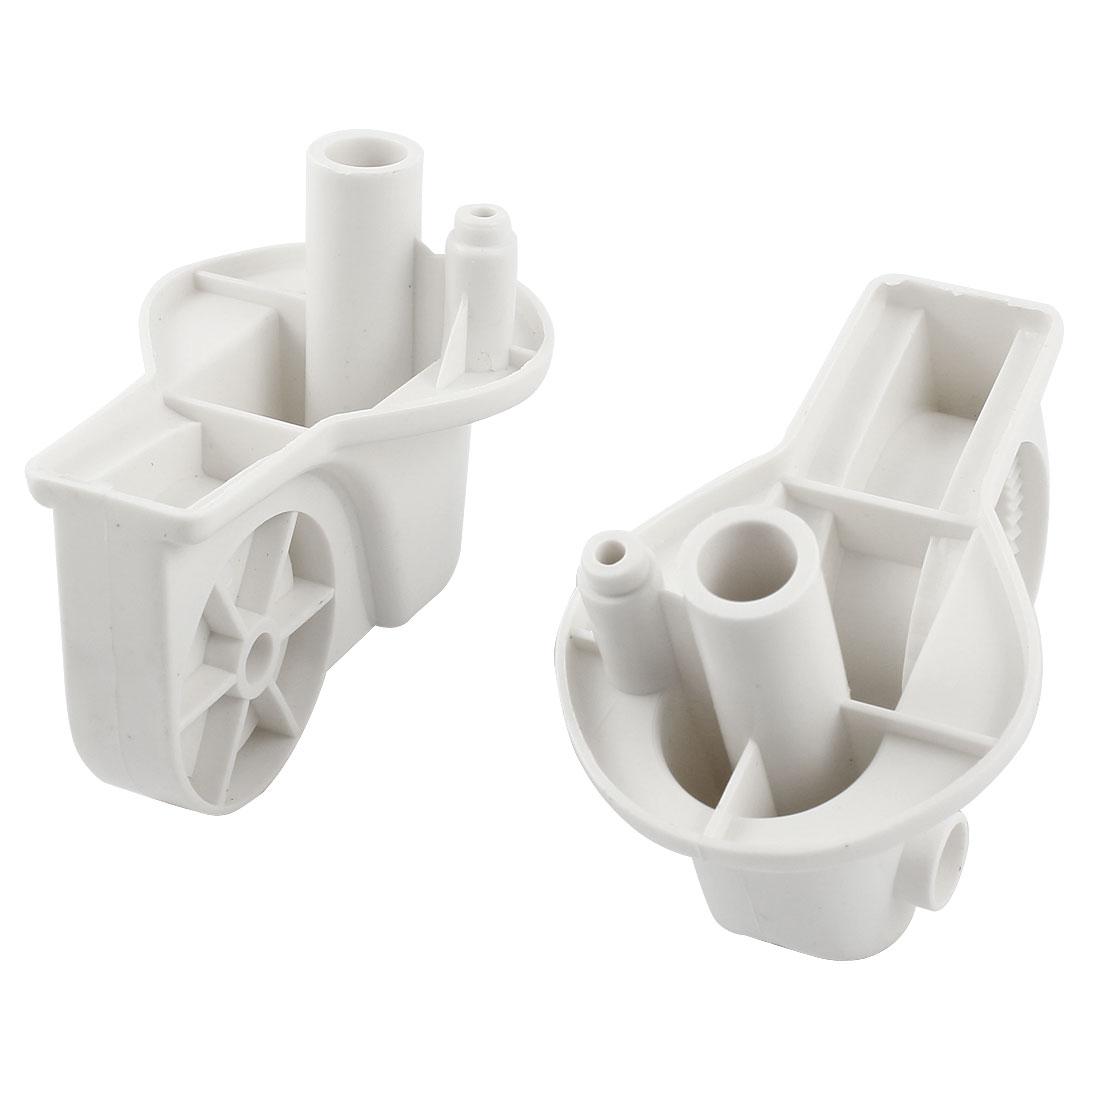 2PCS White Plastic Electric Fan Elbow Connectors 83mm x 55mm x 77mm